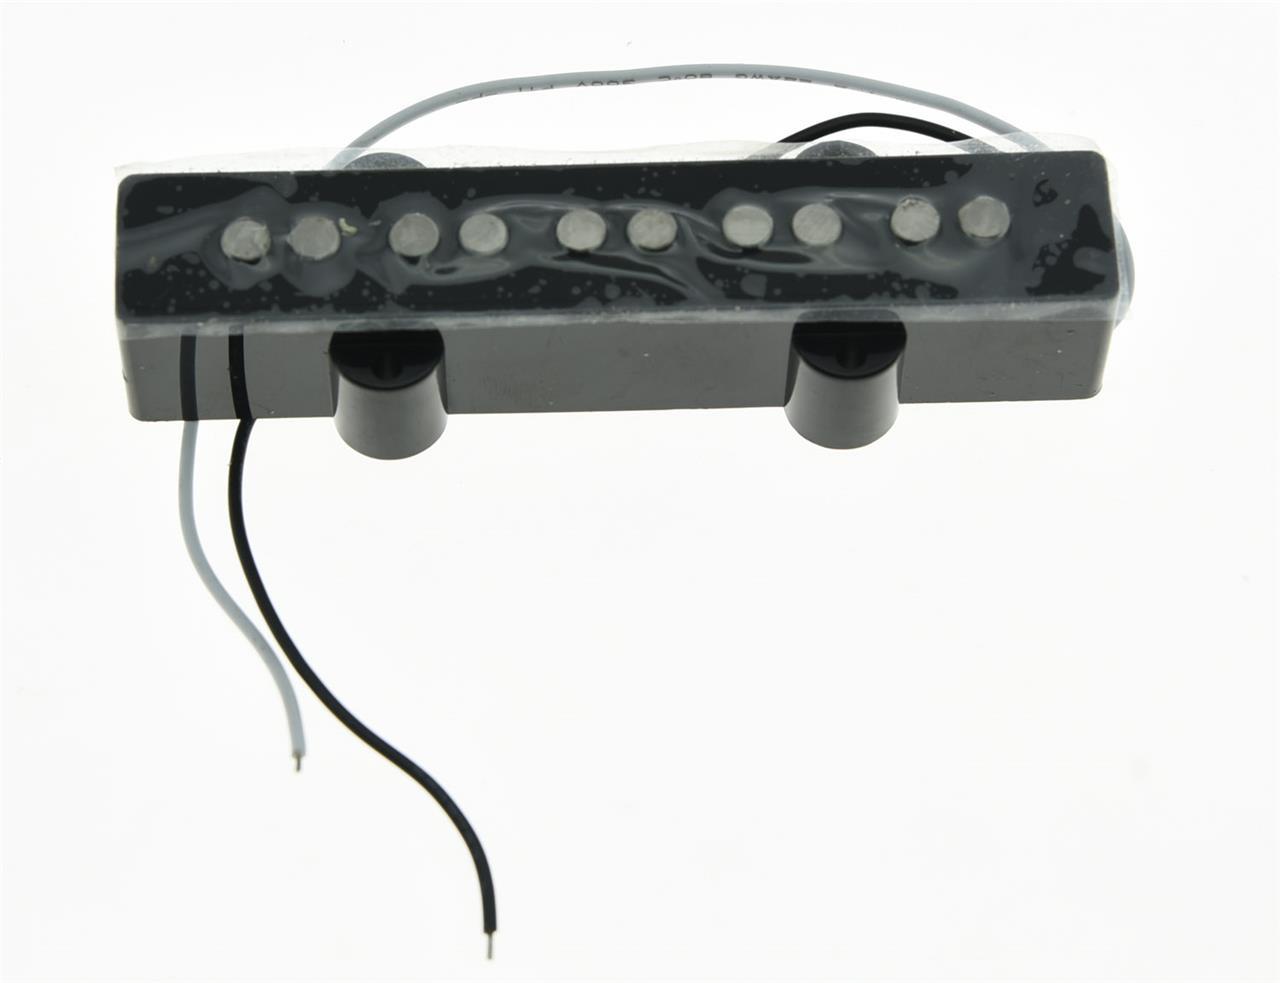 5 string jazz bass alnico 5 neck pickup vintage sound j bass pickups black ebay. Black Bedroom Furniture Sets. Home Design Ideas